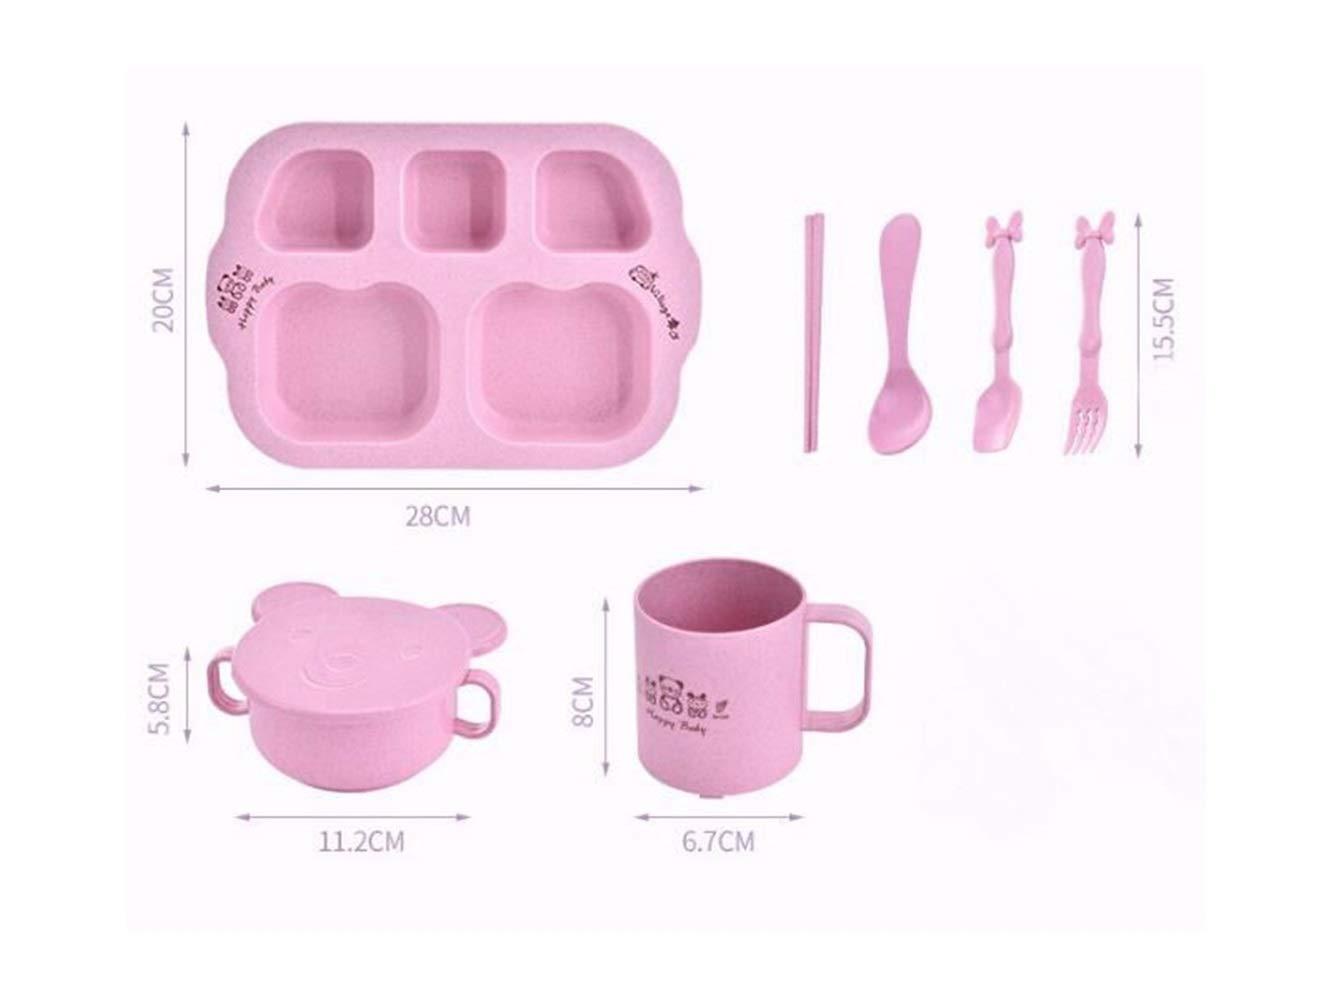 Flowerrs Rutschfest Weizenfaserschale Kinderschale Kinder Separate Schüssel Set für Suppe oder Reis (Pink) für Kinder